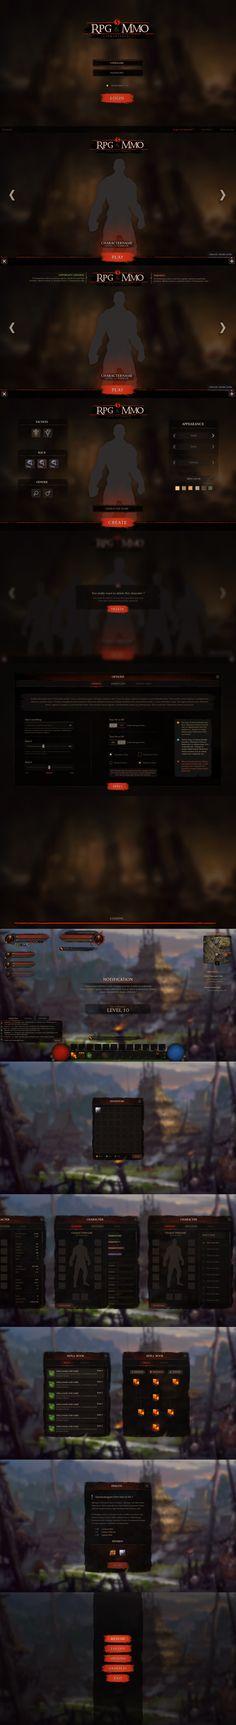 RPG & MMO 5 - Grunge and Dark UI - Unity Asset Store